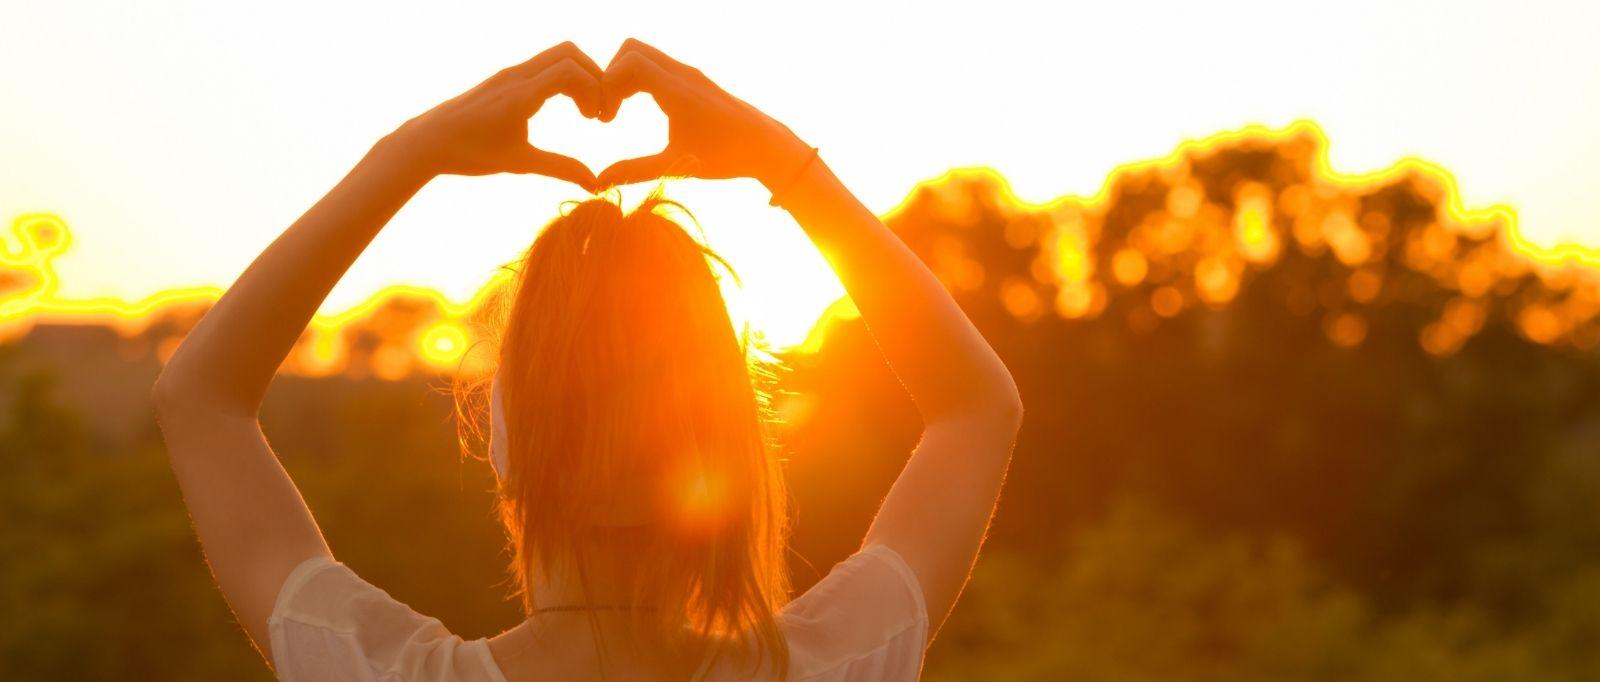 Pamiętajmy, żeby nie bać się słońca i z niego rozsądnie korzystać!